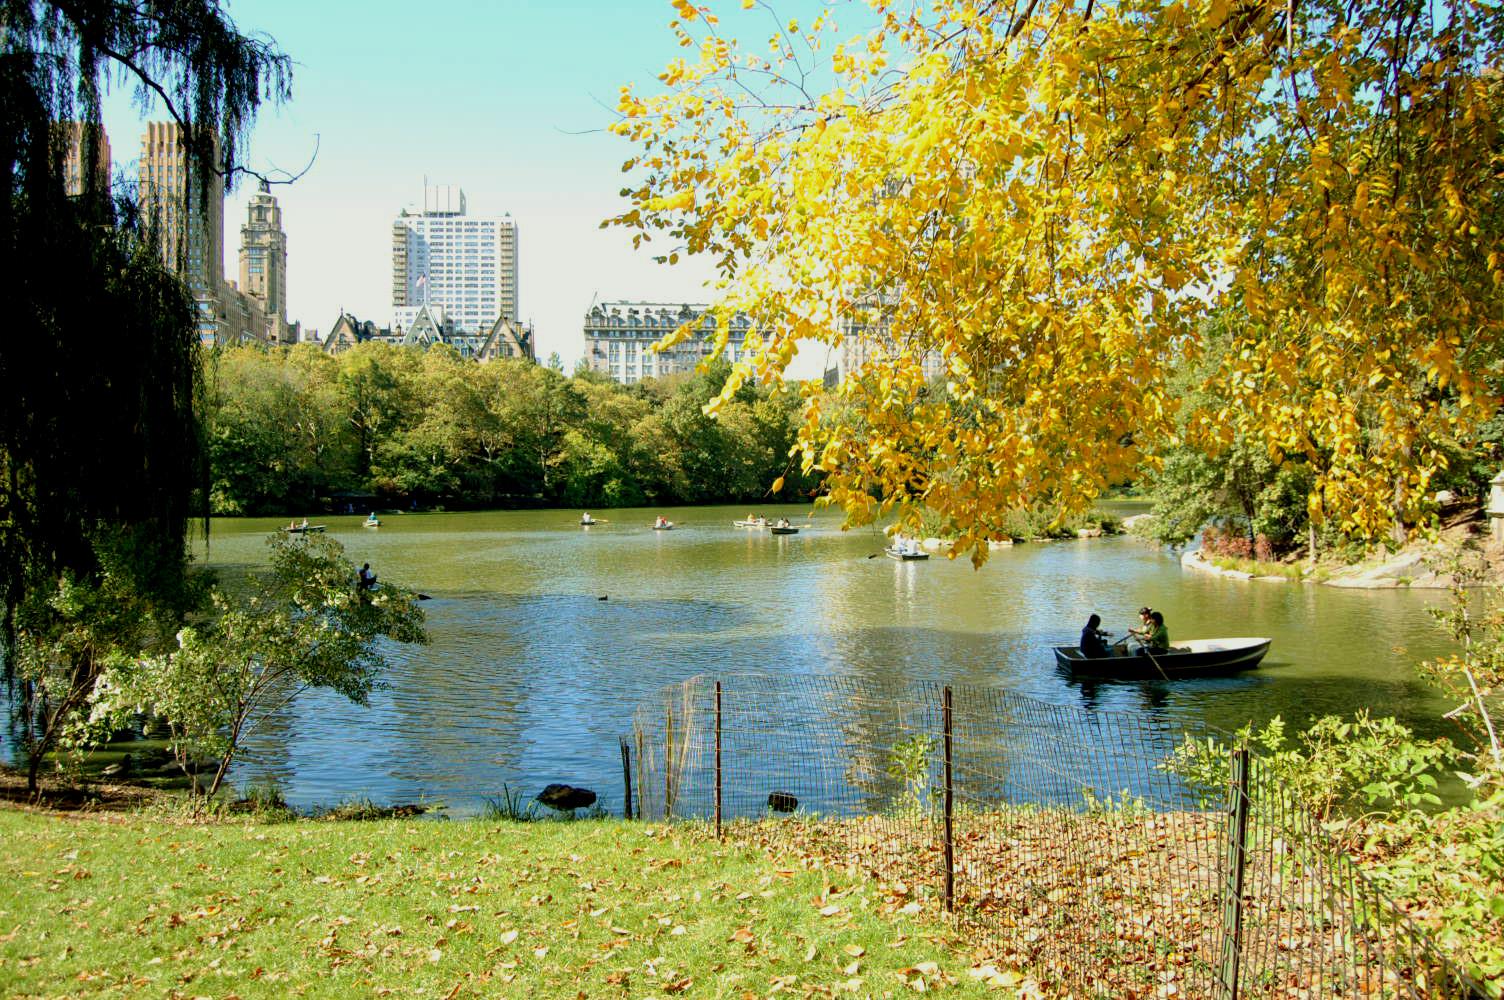 Центральный парк Нью-Йорка, осенний день